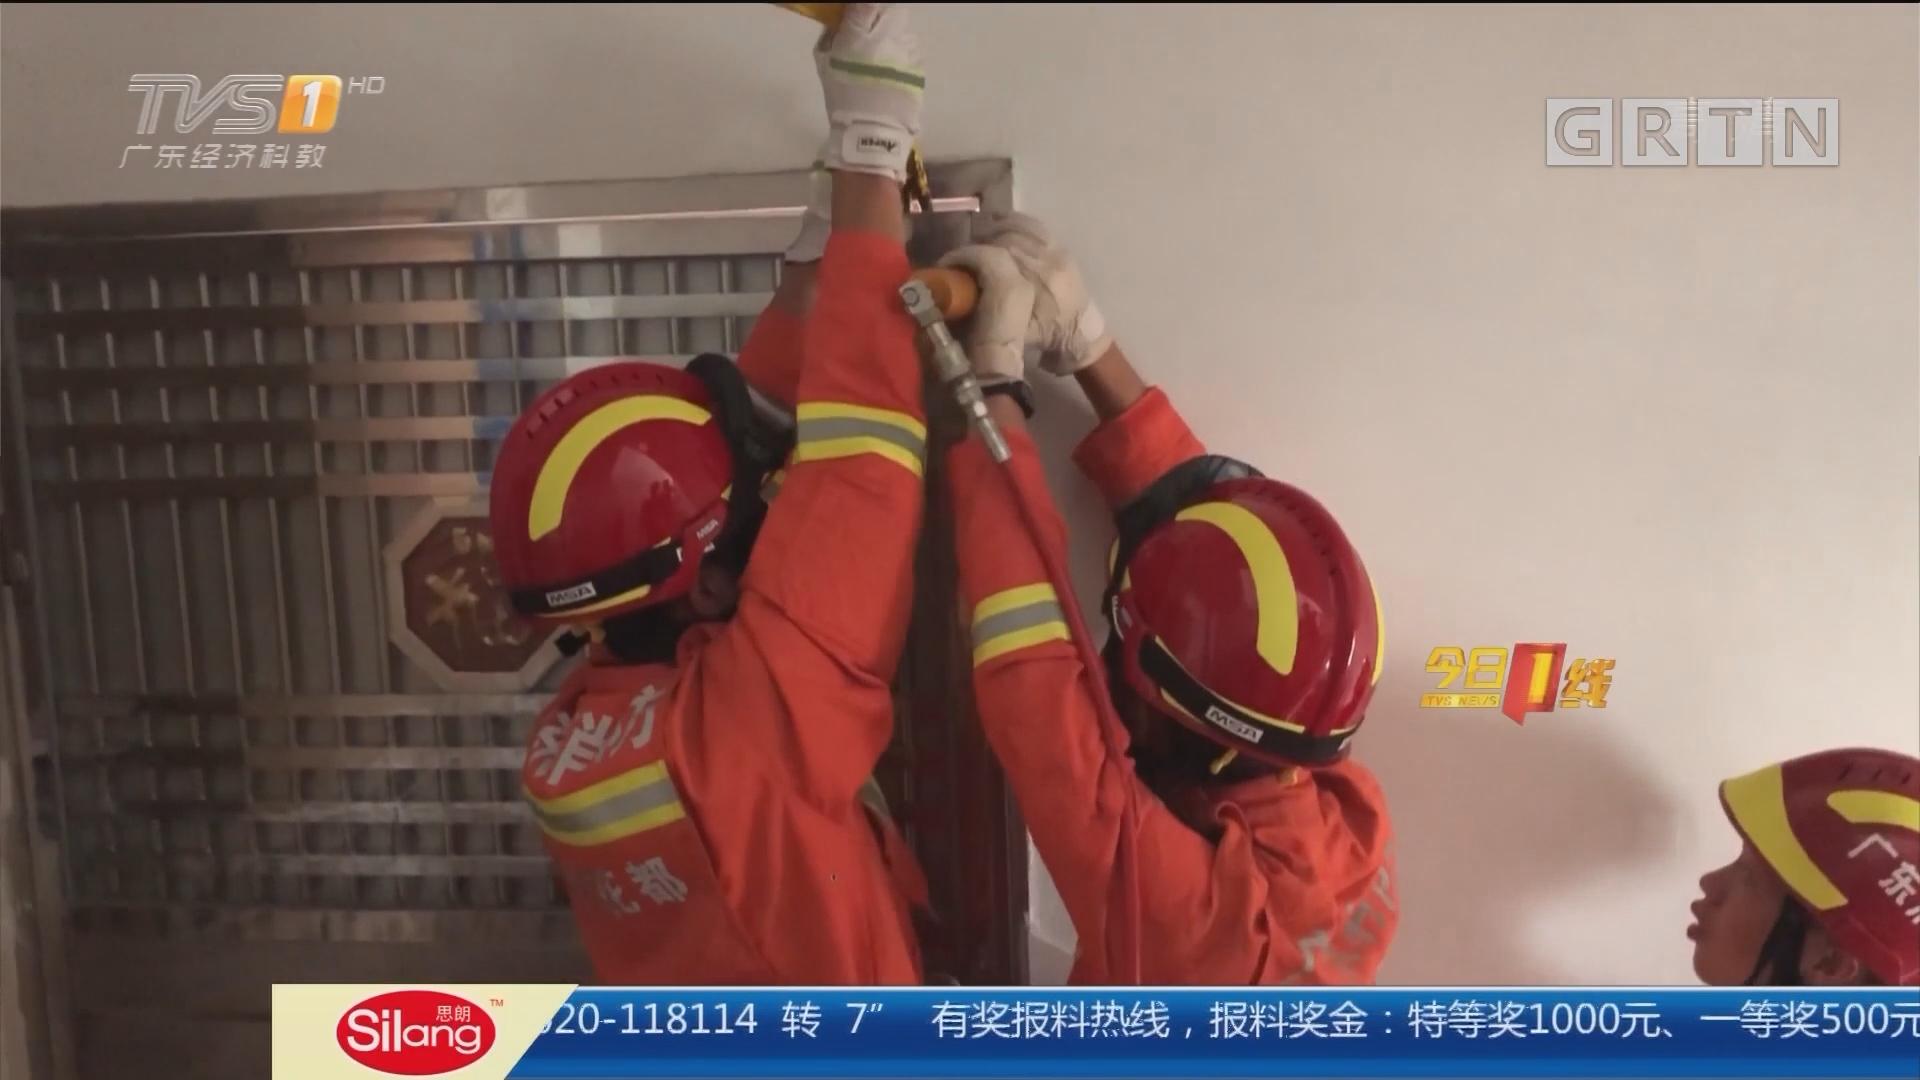 广州花都:1岁娃把自己反锁屋内 消防破门解救